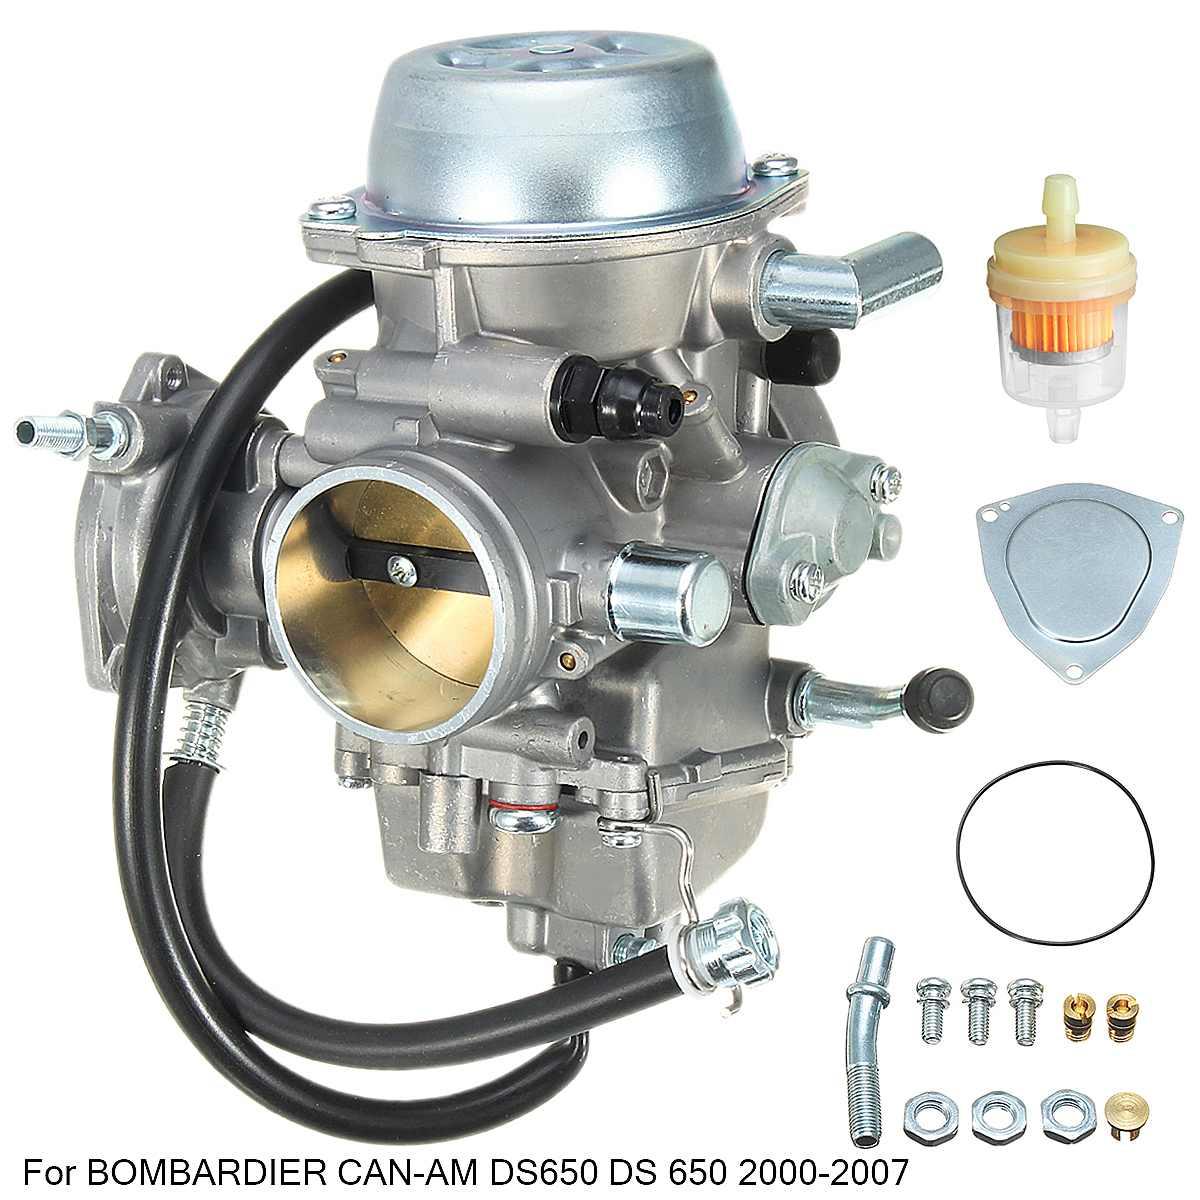 Carburateur Carb de remplacement pour BOMBARDIER can-am DS650 DS 650 2000-2007